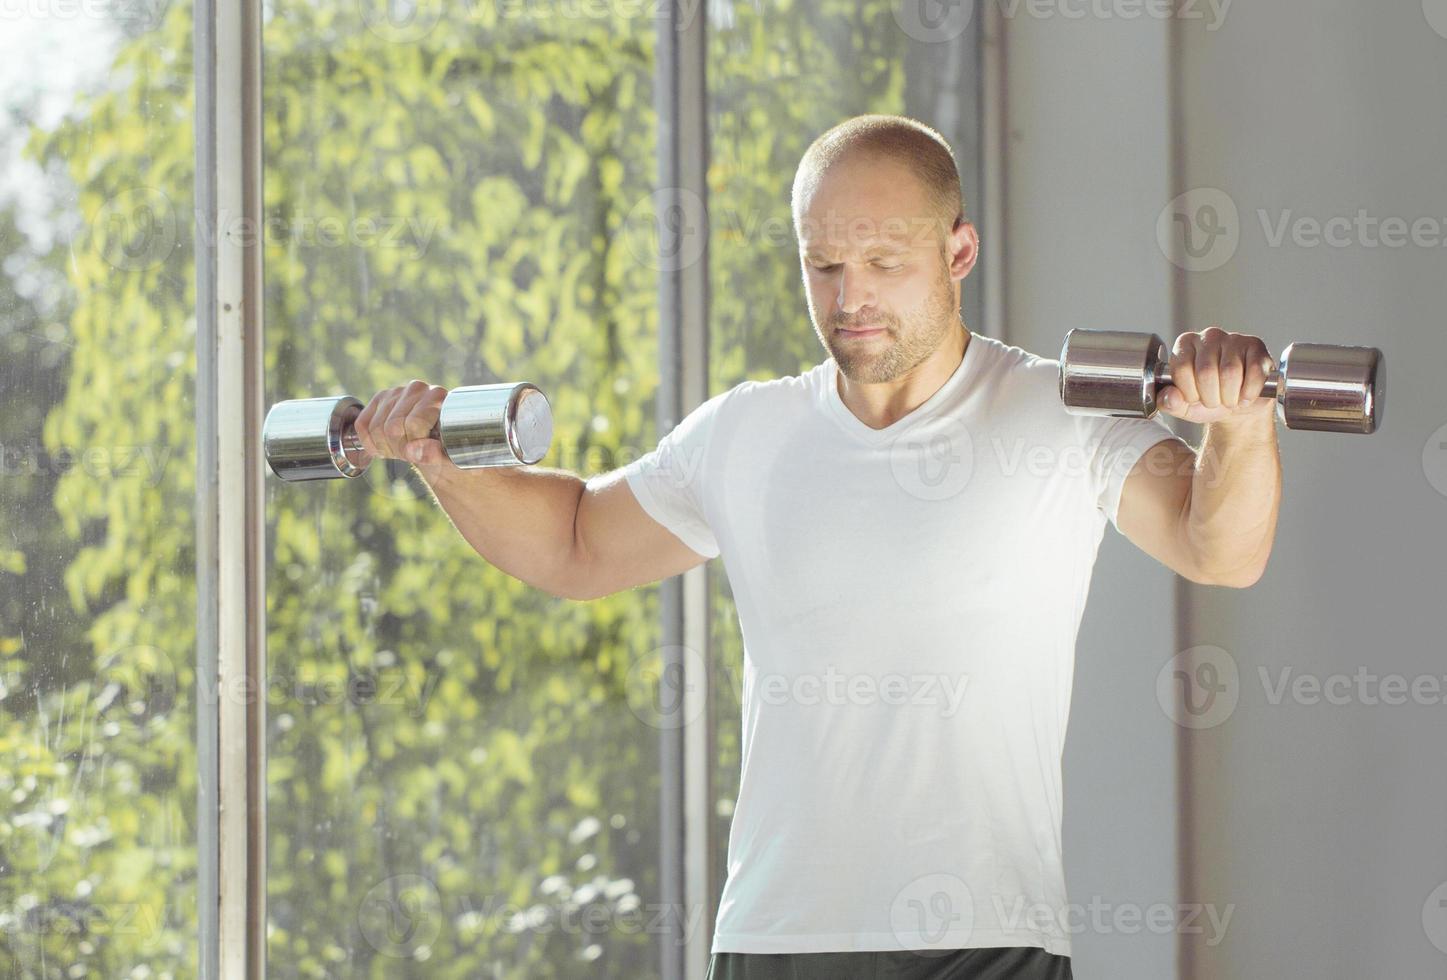 styrketräning foto